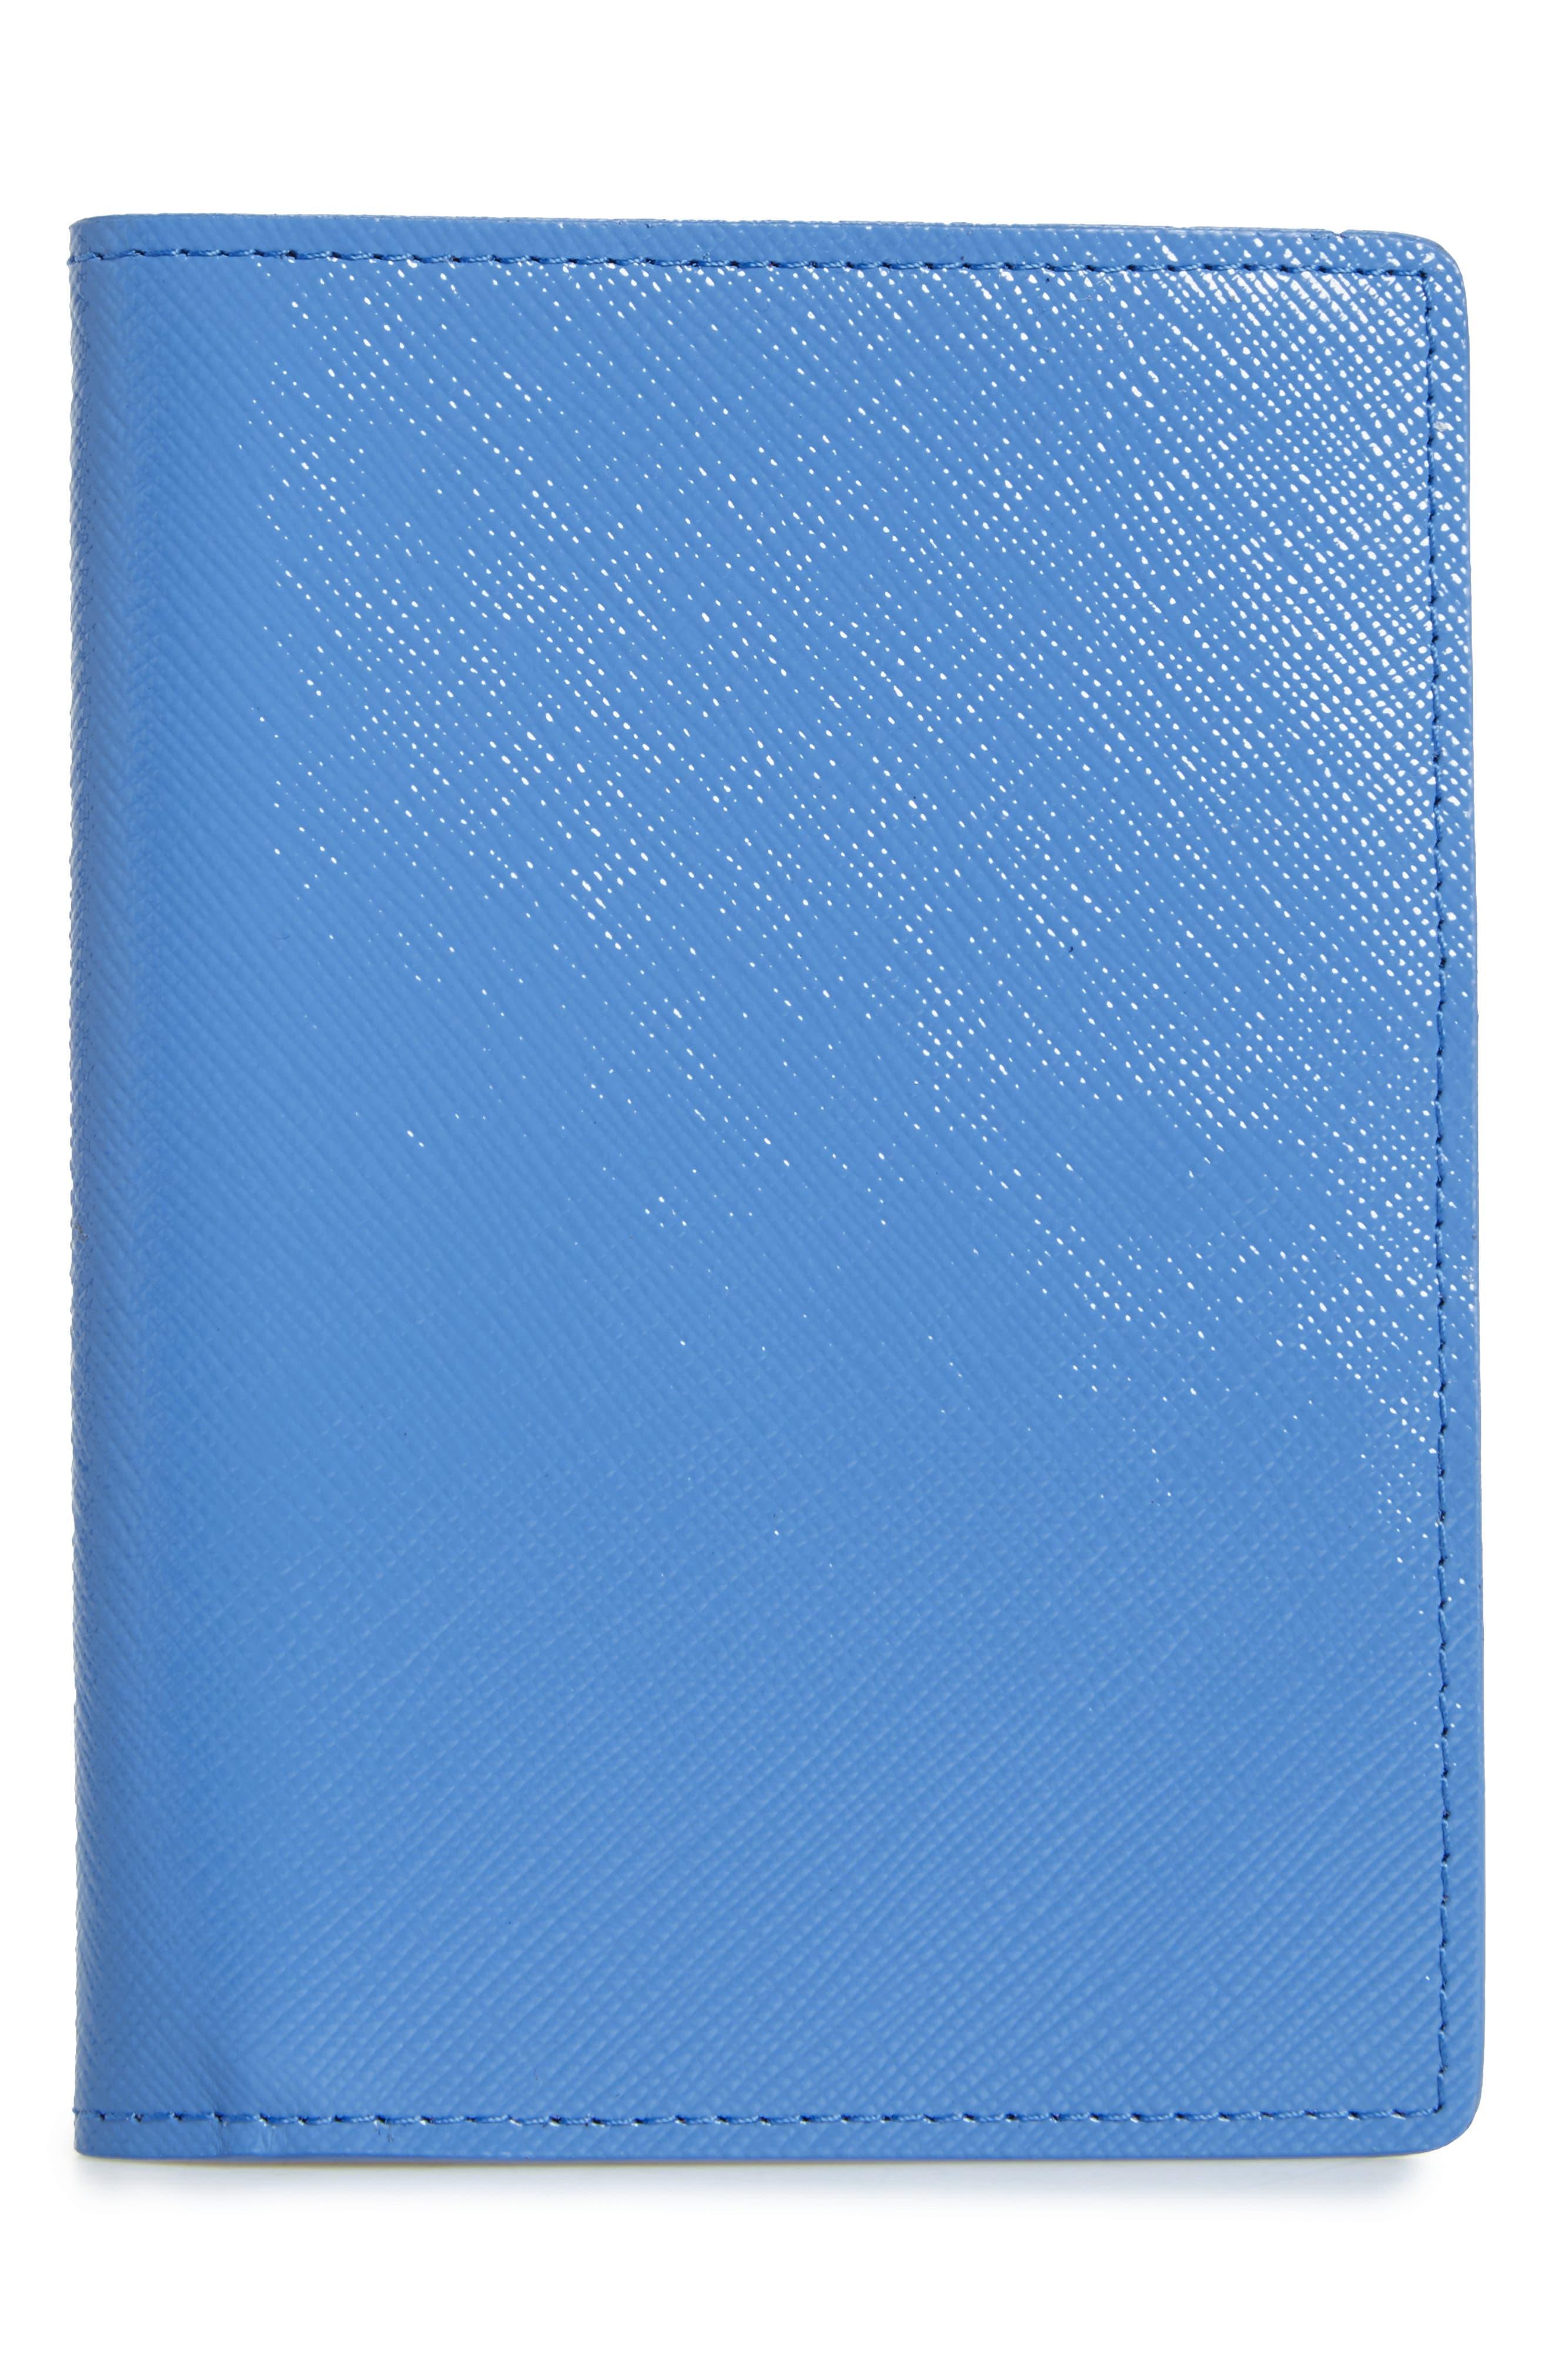 Leather Passport Case,                             Main thumbnail 5, color,